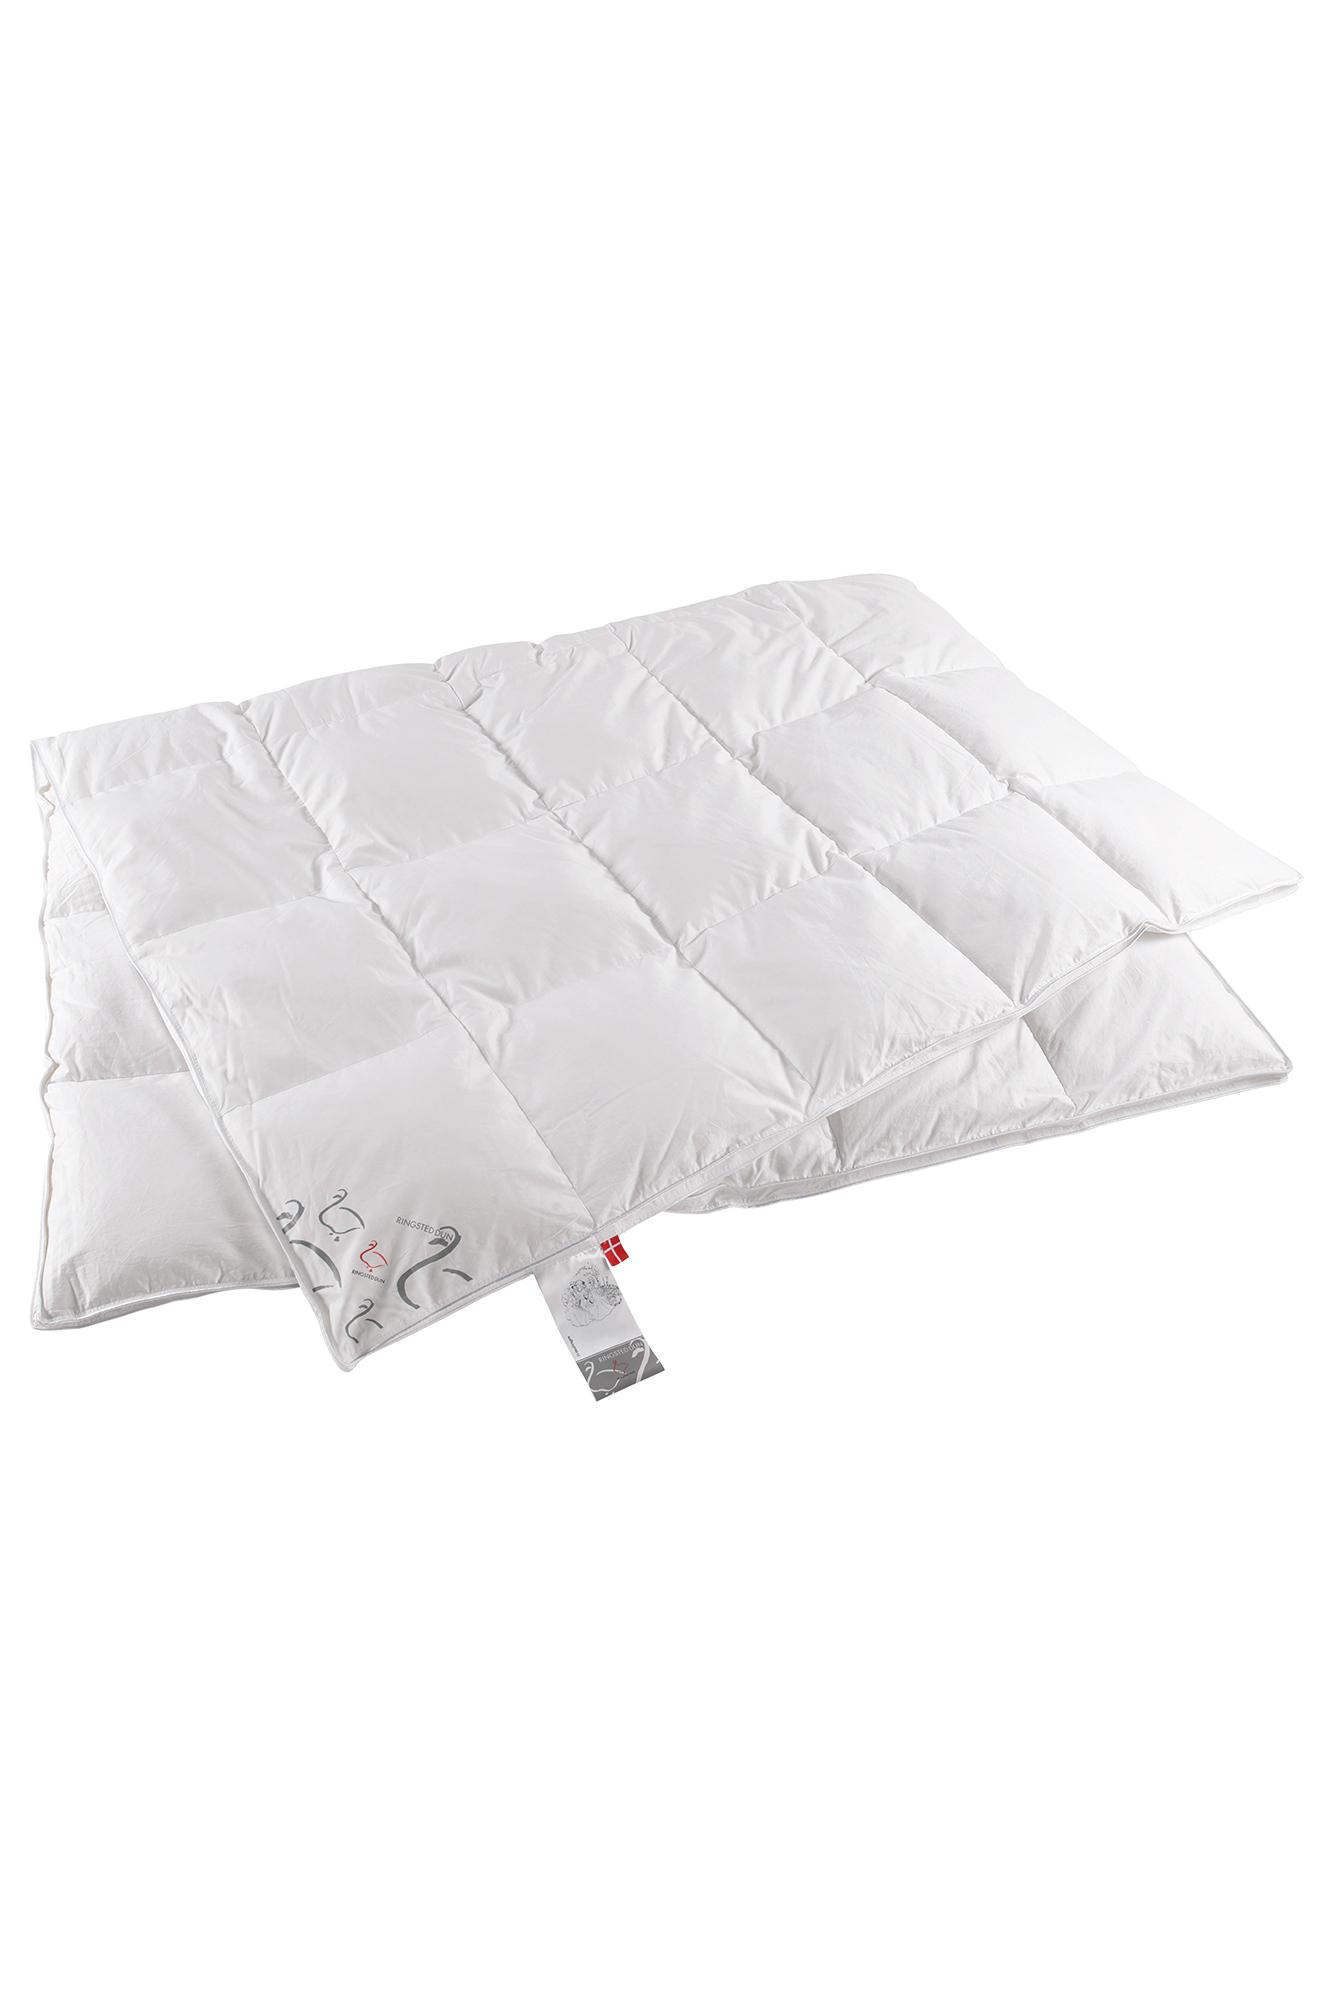 Ylellinen untuvapeitto kapeaan sänkyyn, Medium 150x210 cm